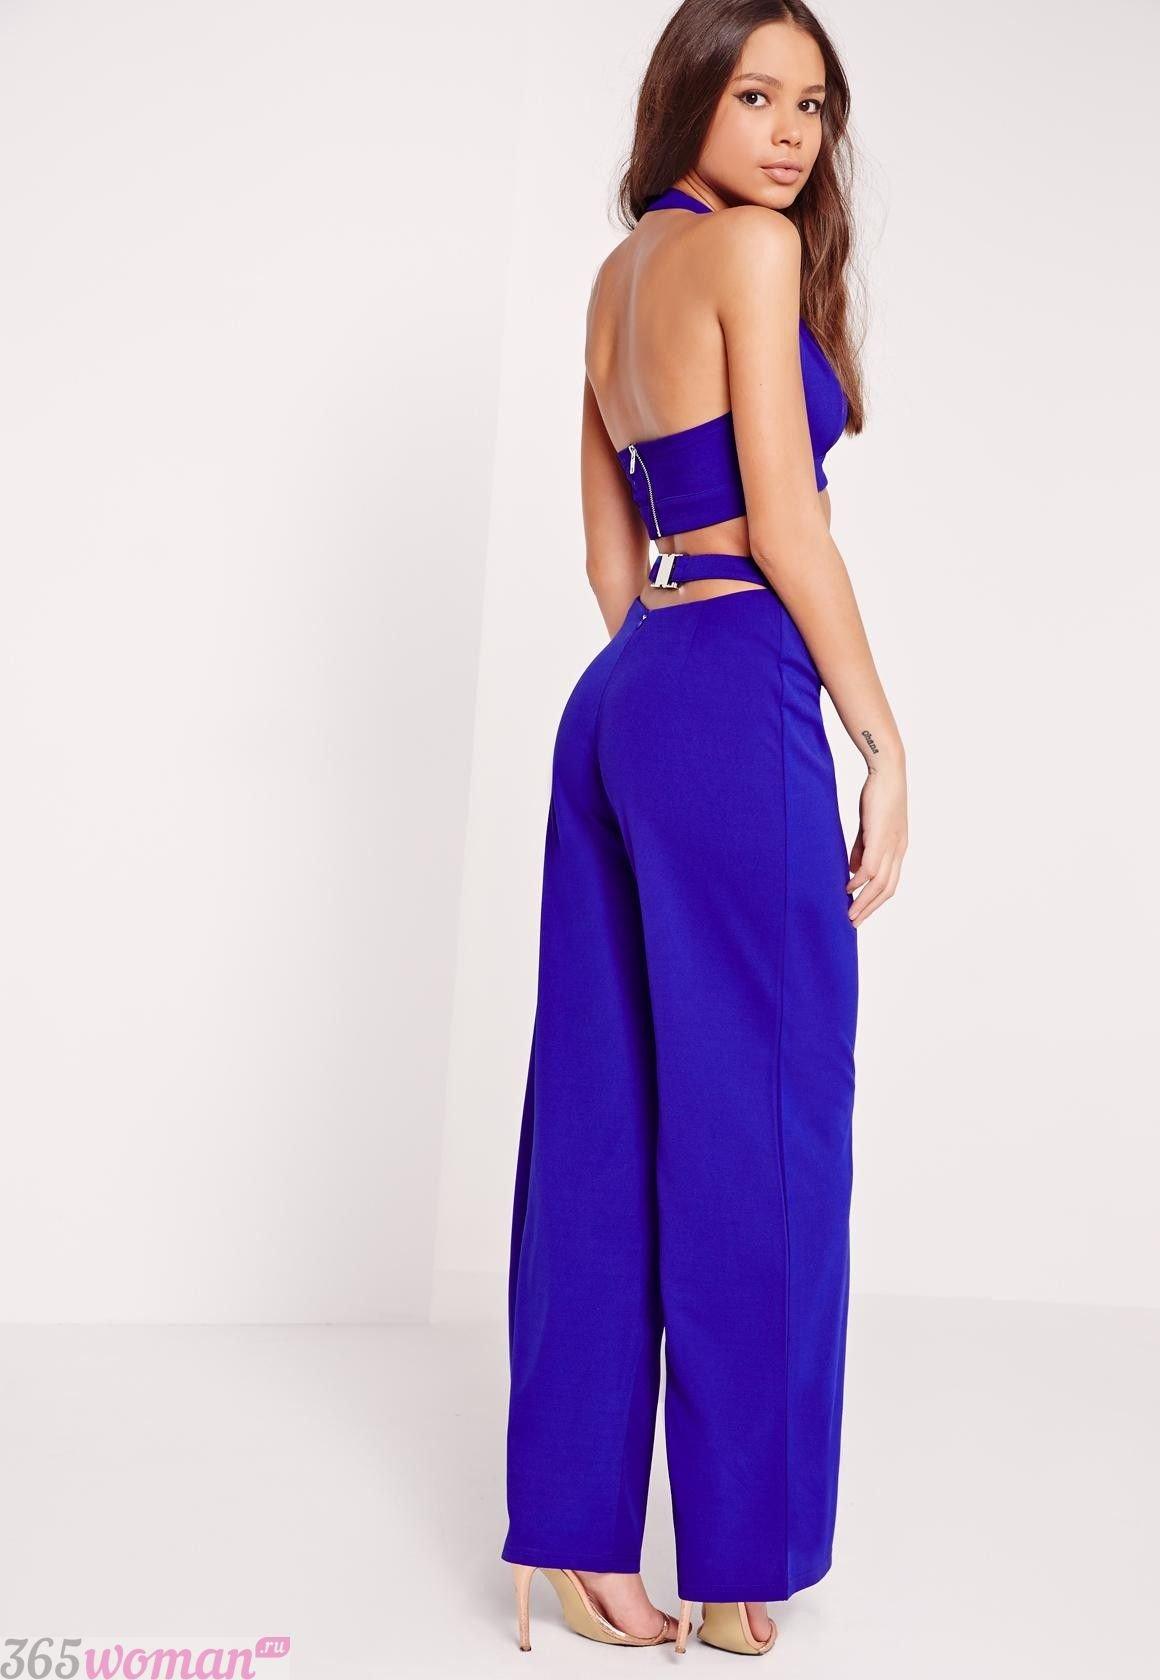 с чем носить широкие ярко синие брюки и короткий топ